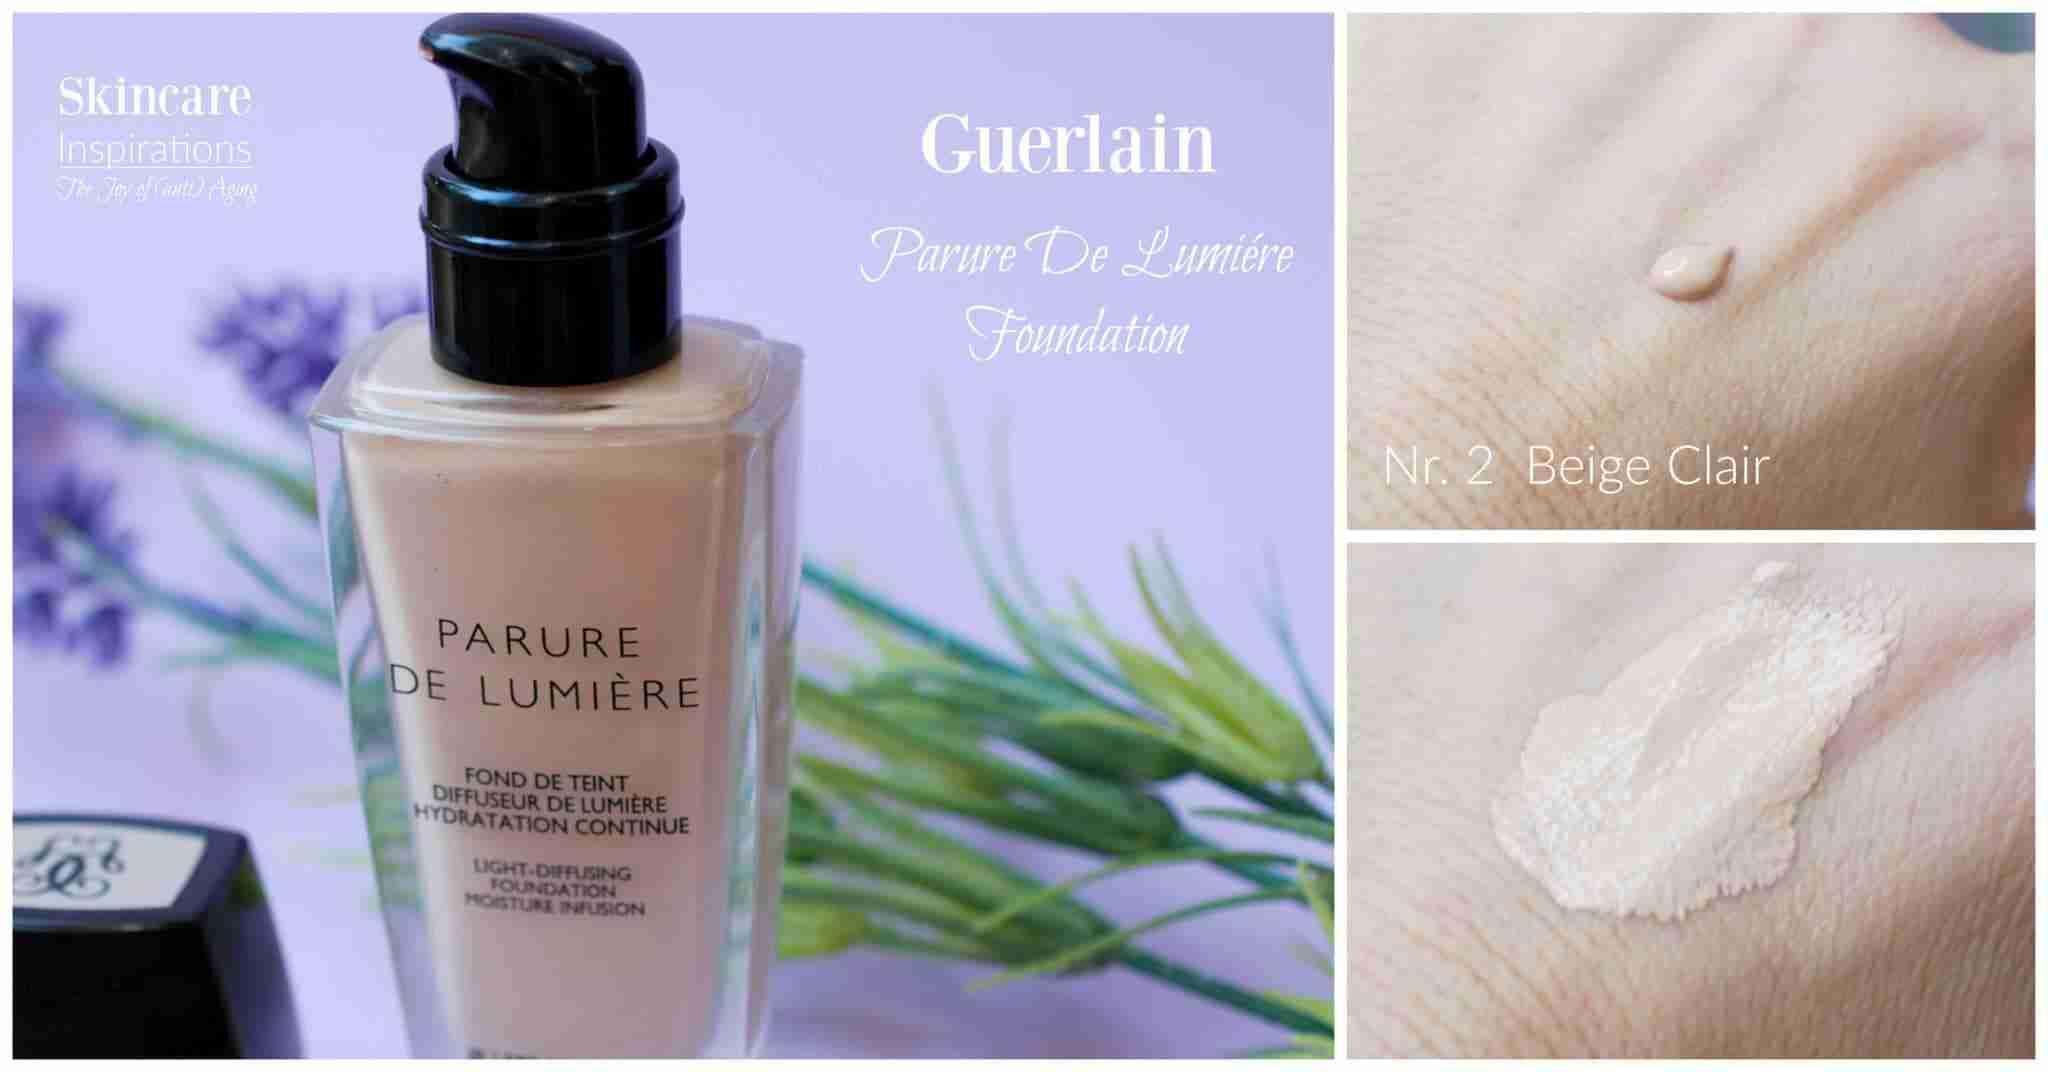 parure-de-lumiere-foundation-beige-clair